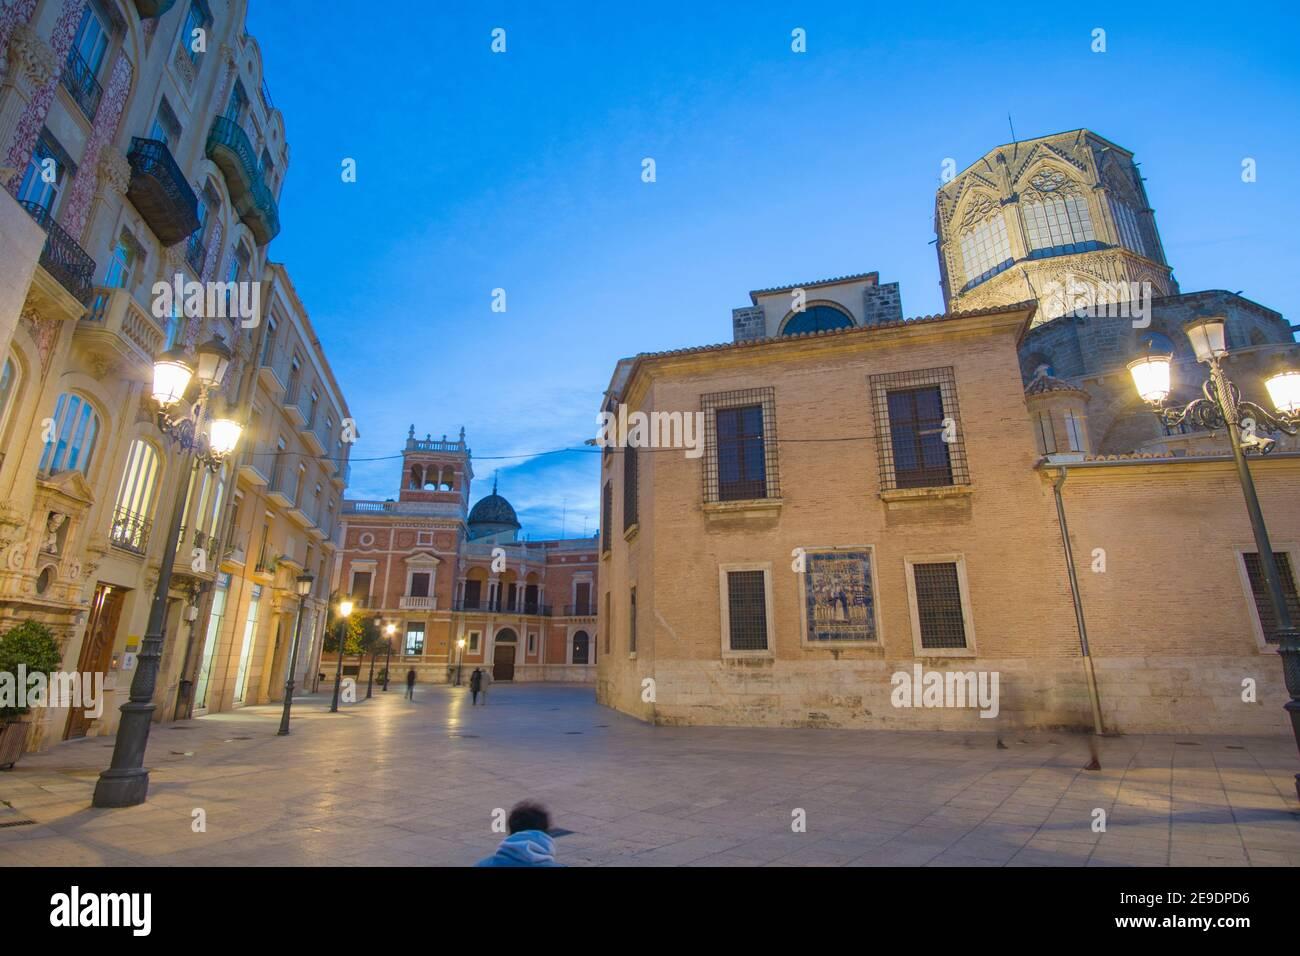 Valencia Spanien am 10. Dezember 2020: Nacht in Weihnachten die Kathedrale. Stockfoto